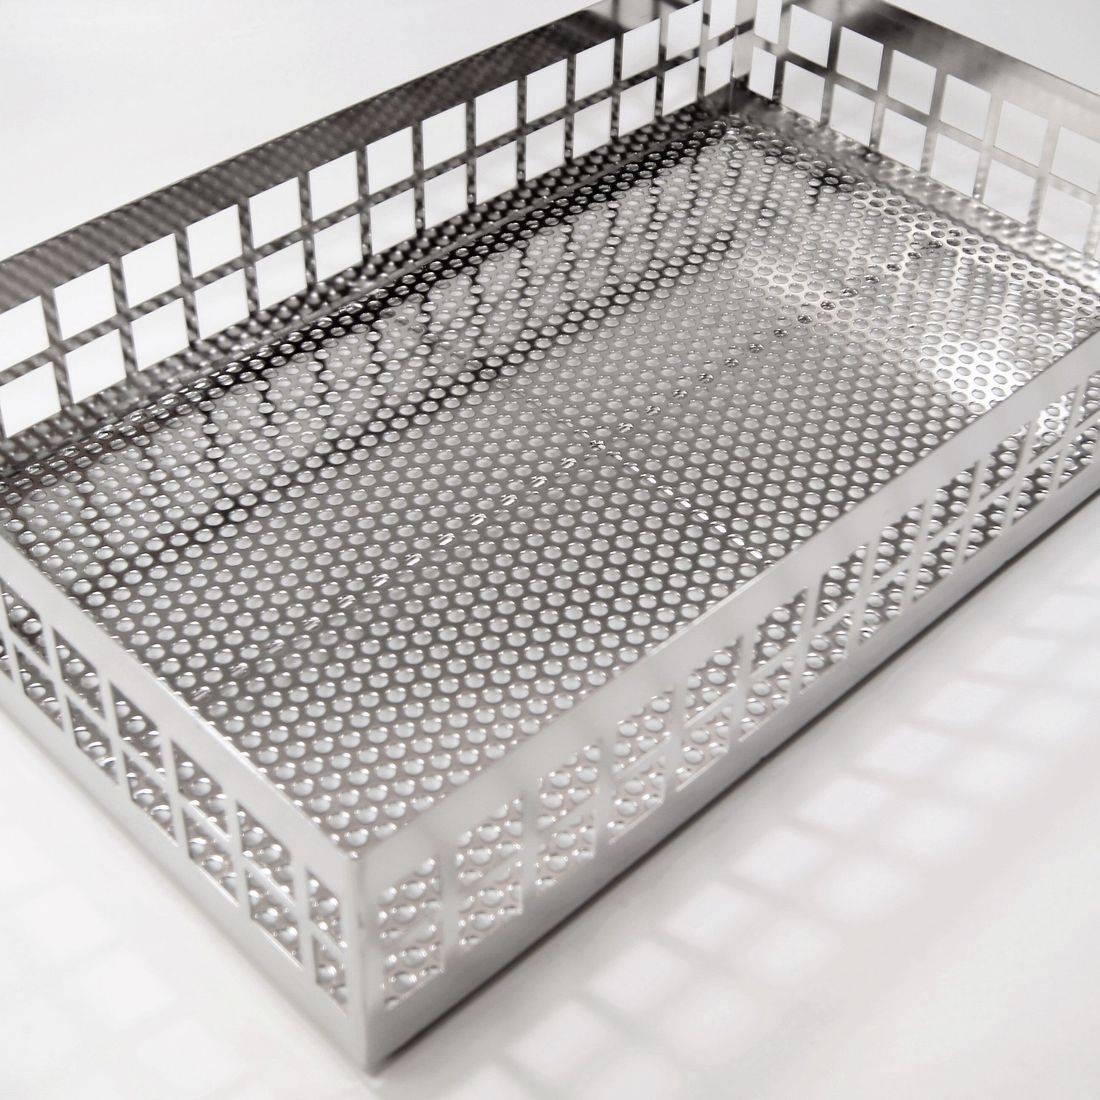 Perforated Sheet Metal Basket